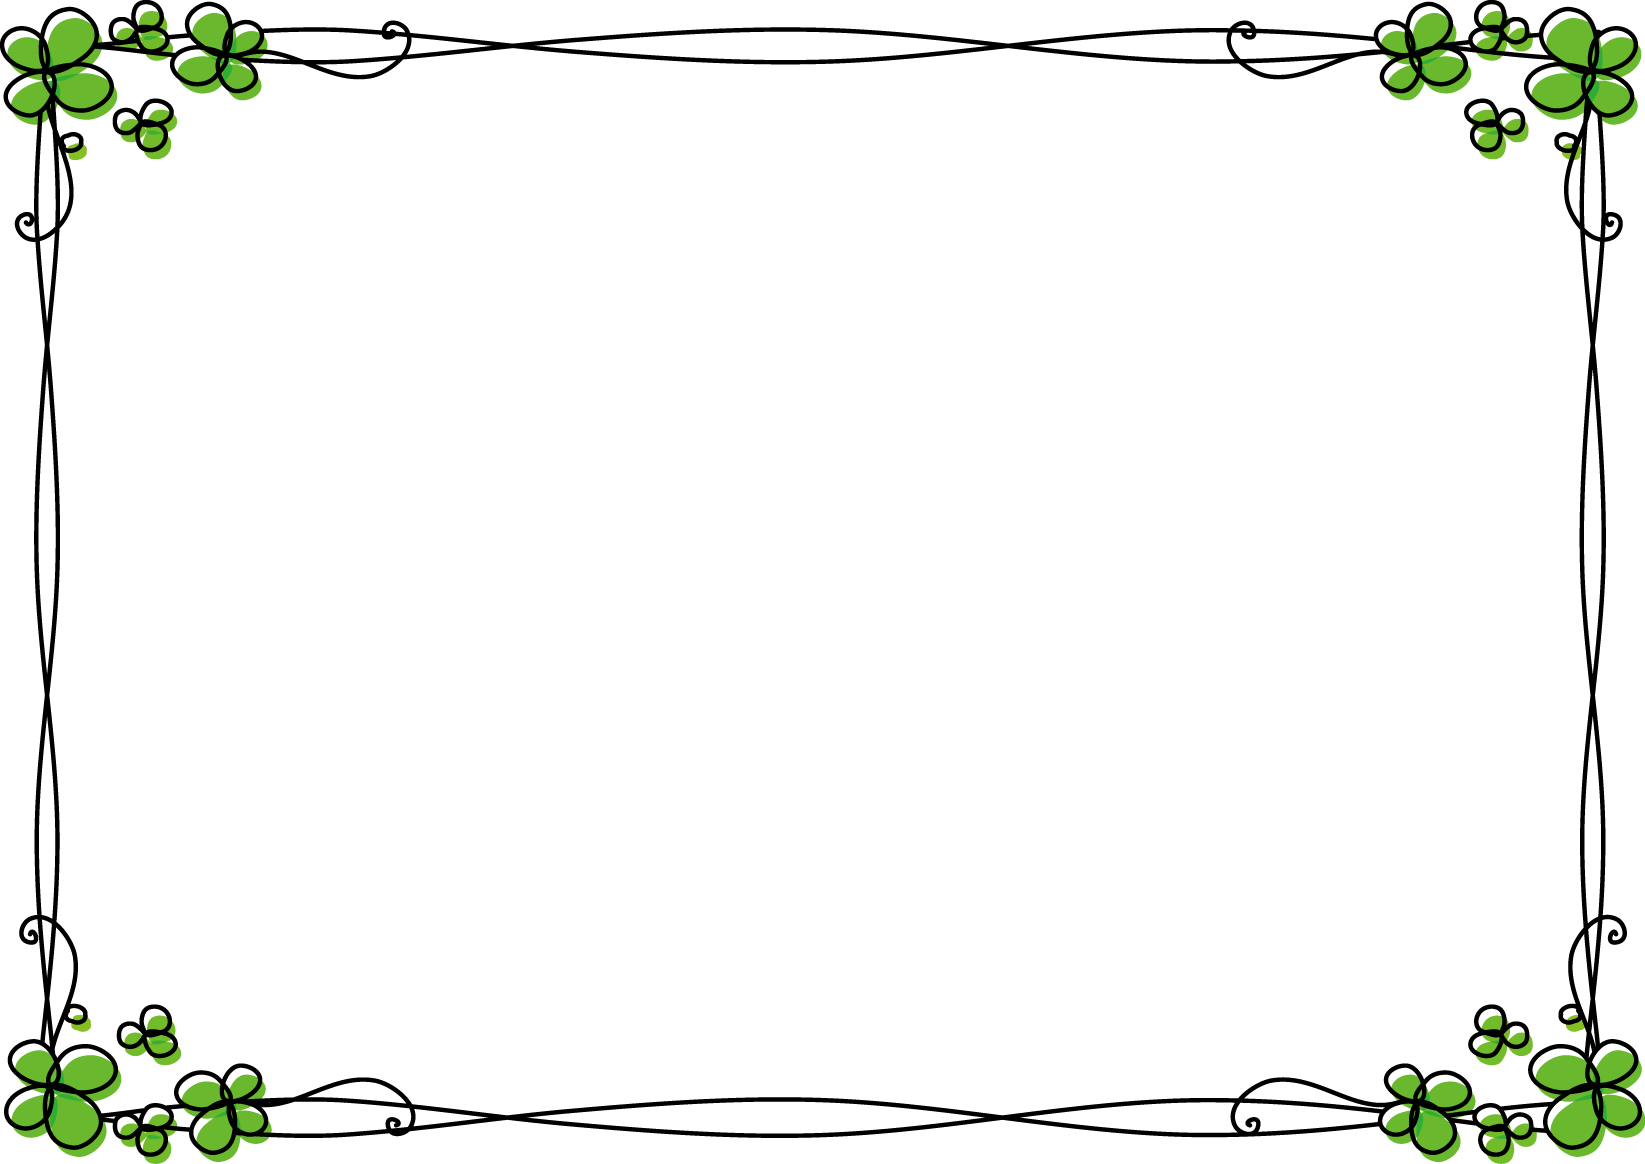 枠・飾り枠・飾り罫・飾り線(クローバーおしゃれなデザイン)無料